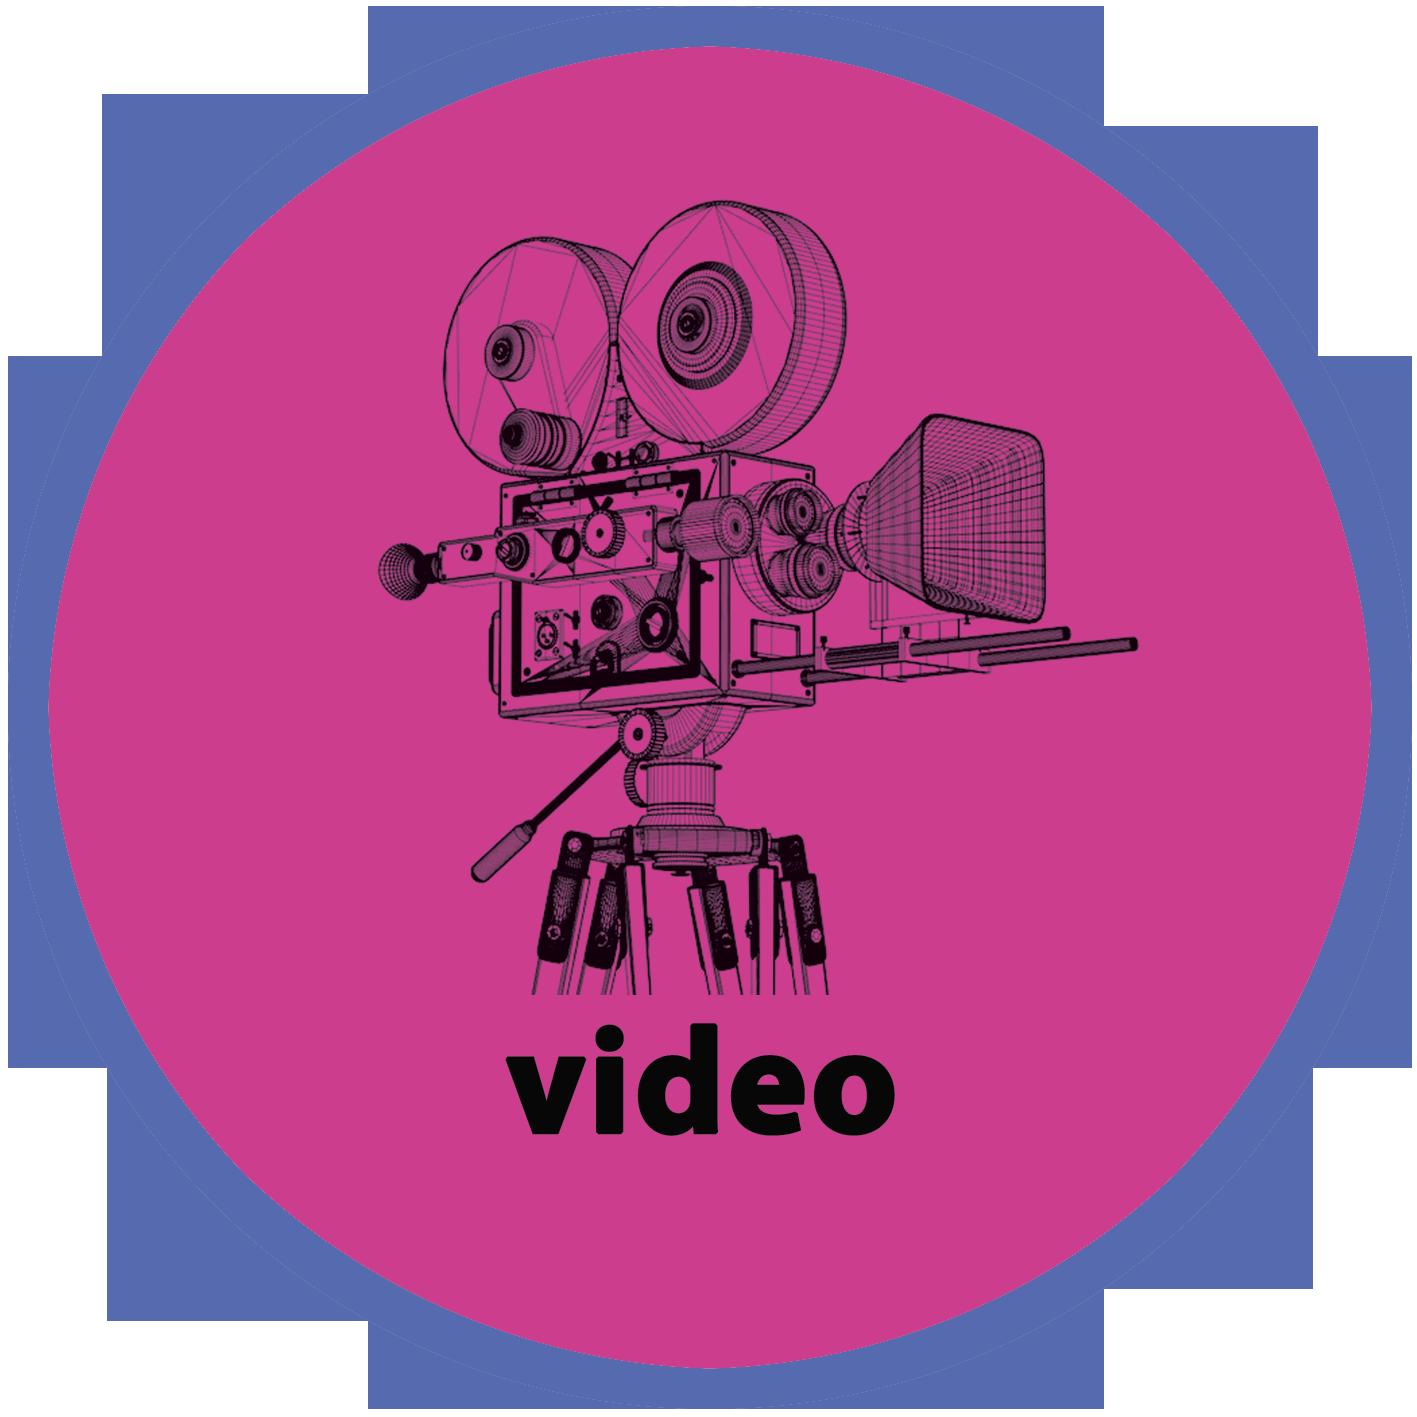 video-tab-circle-biscotti-ori.png